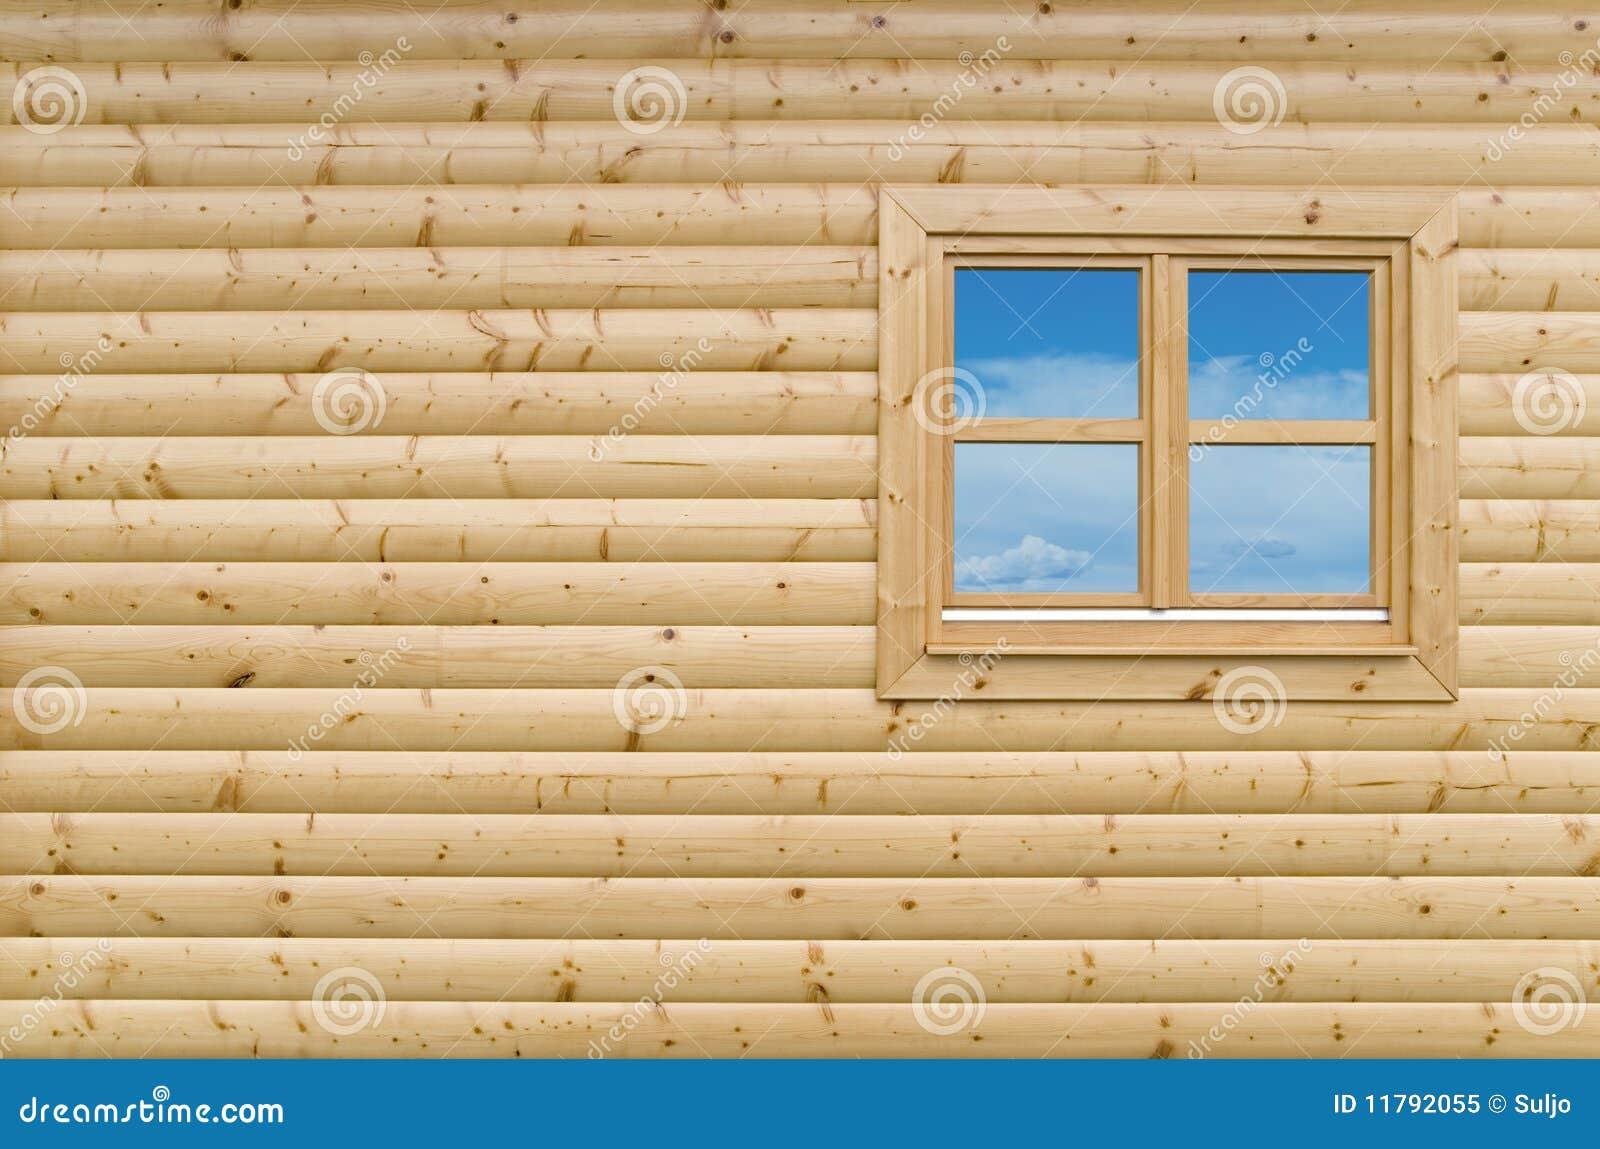 costruire parete di legno : ... parete della facciata del nuovo cottage di legno con la finestra